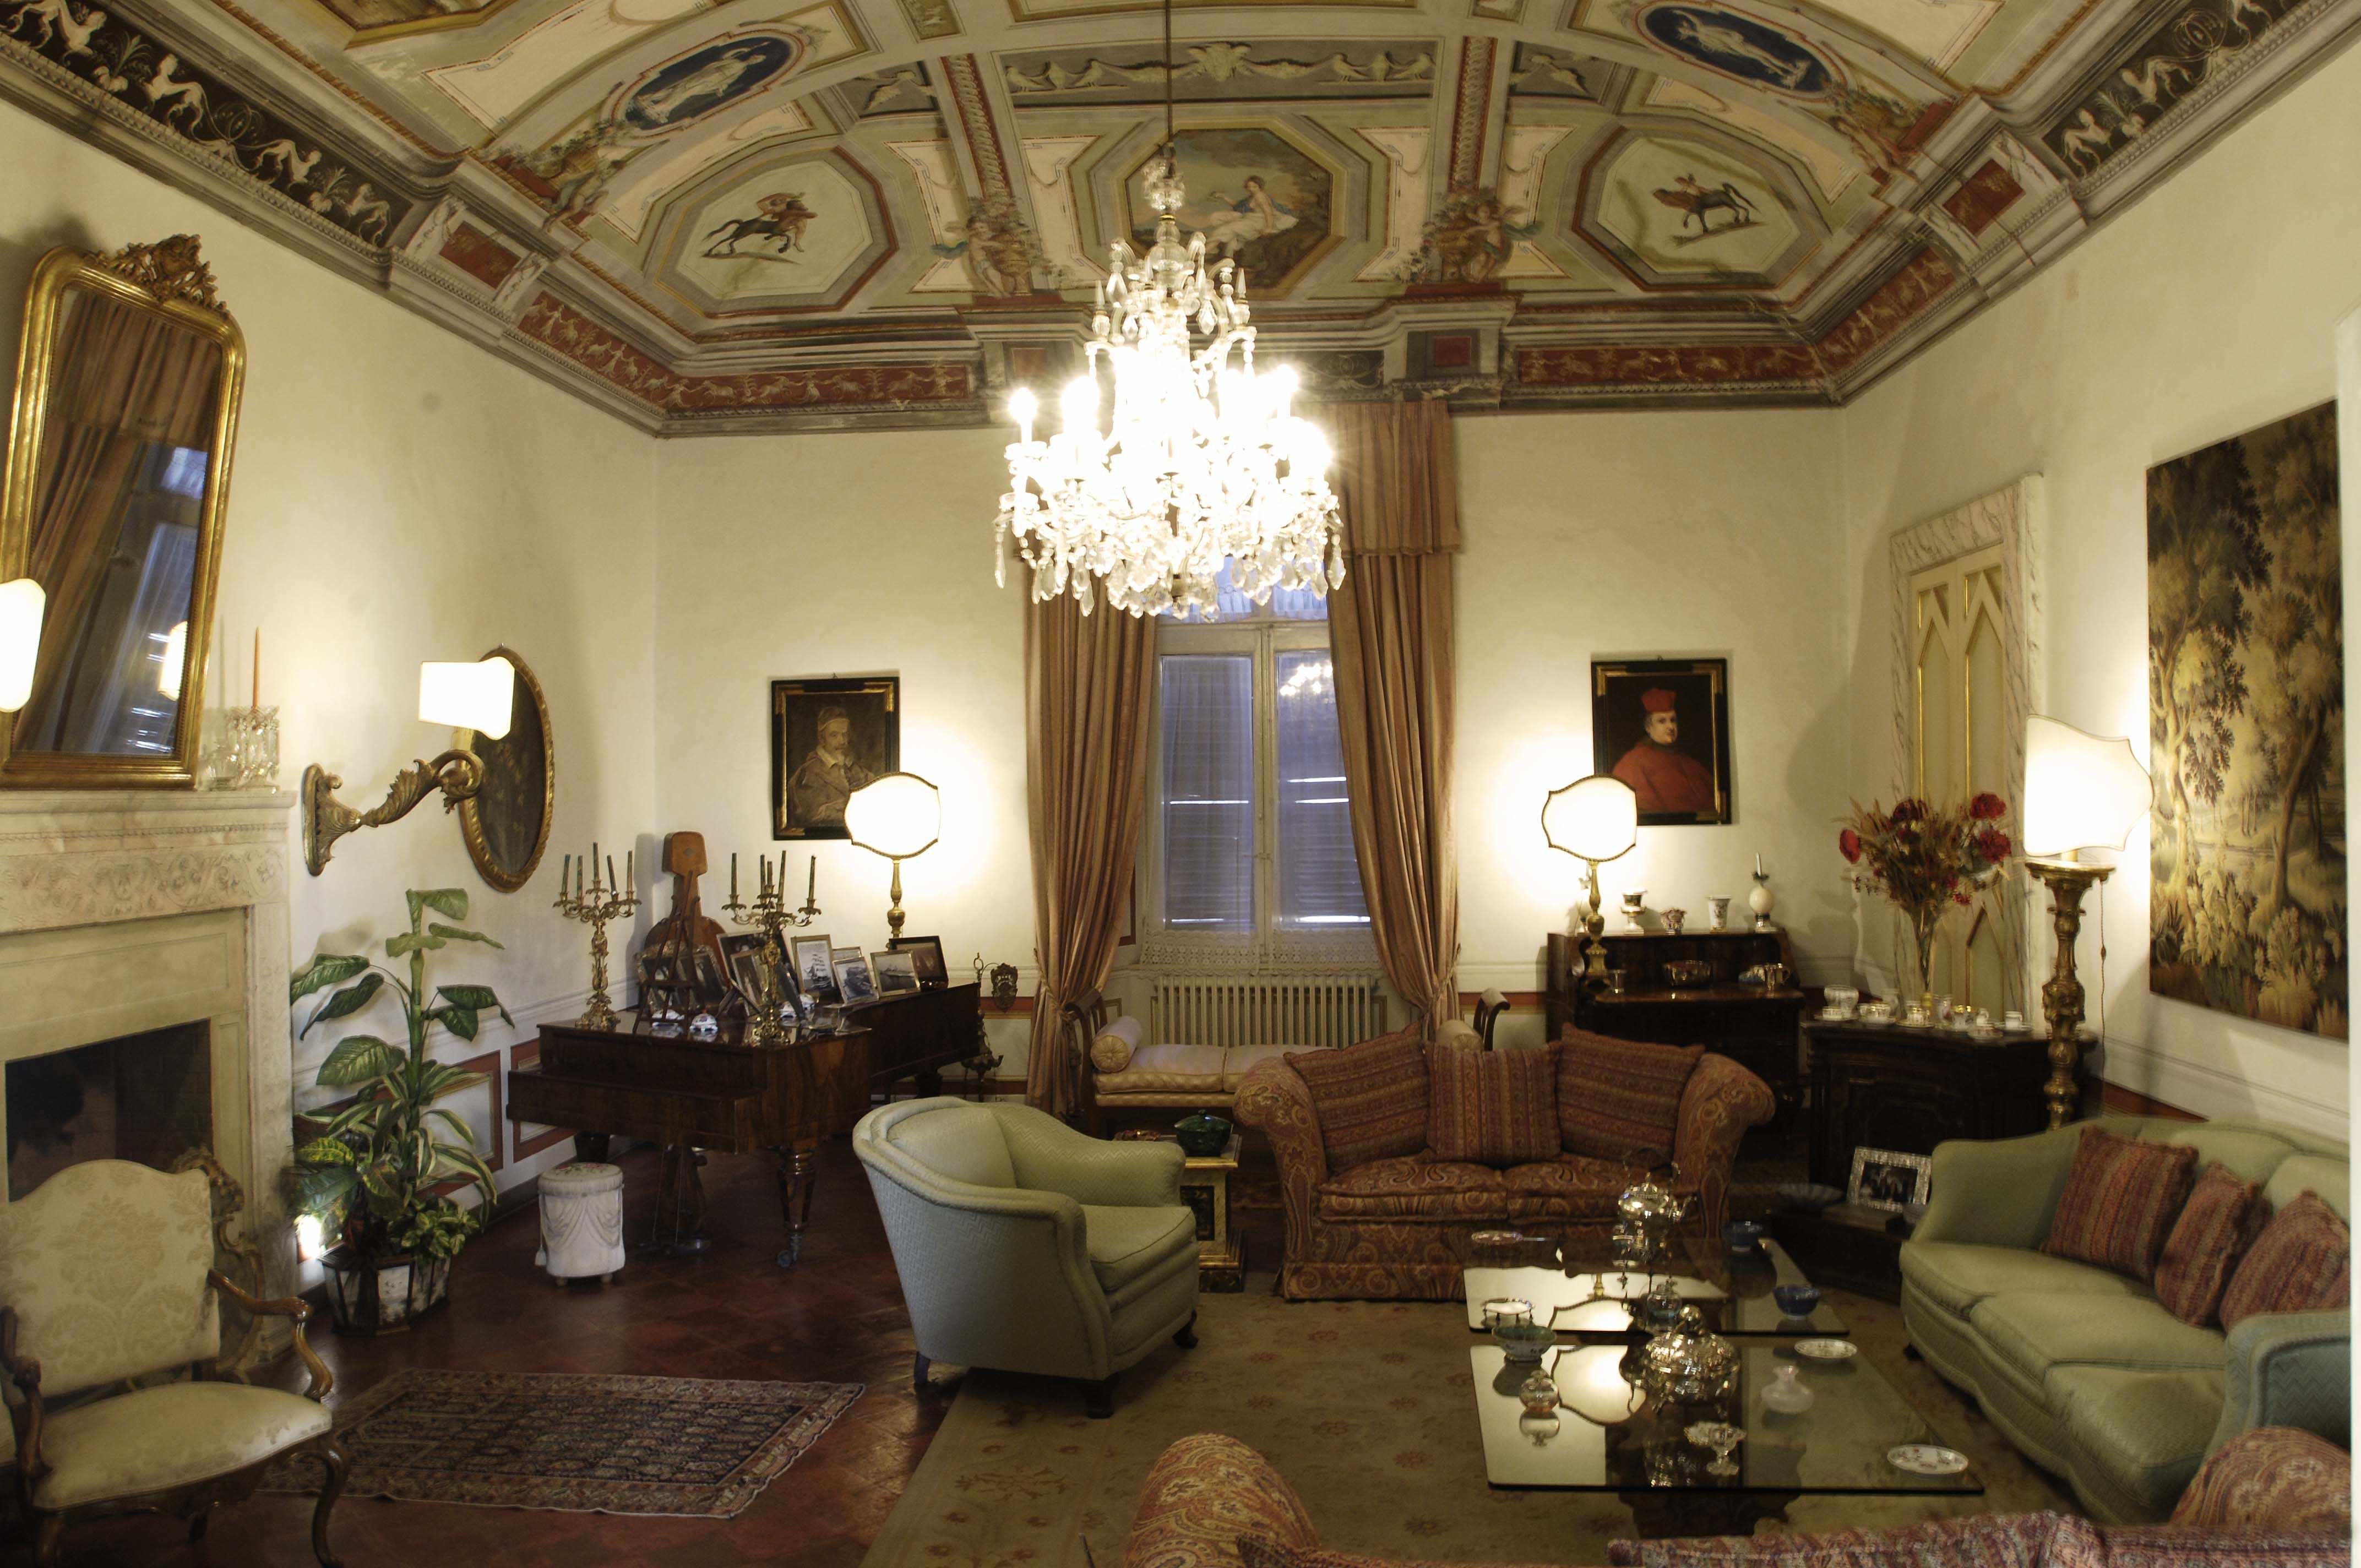 Historic Palace – Recanati, Italy